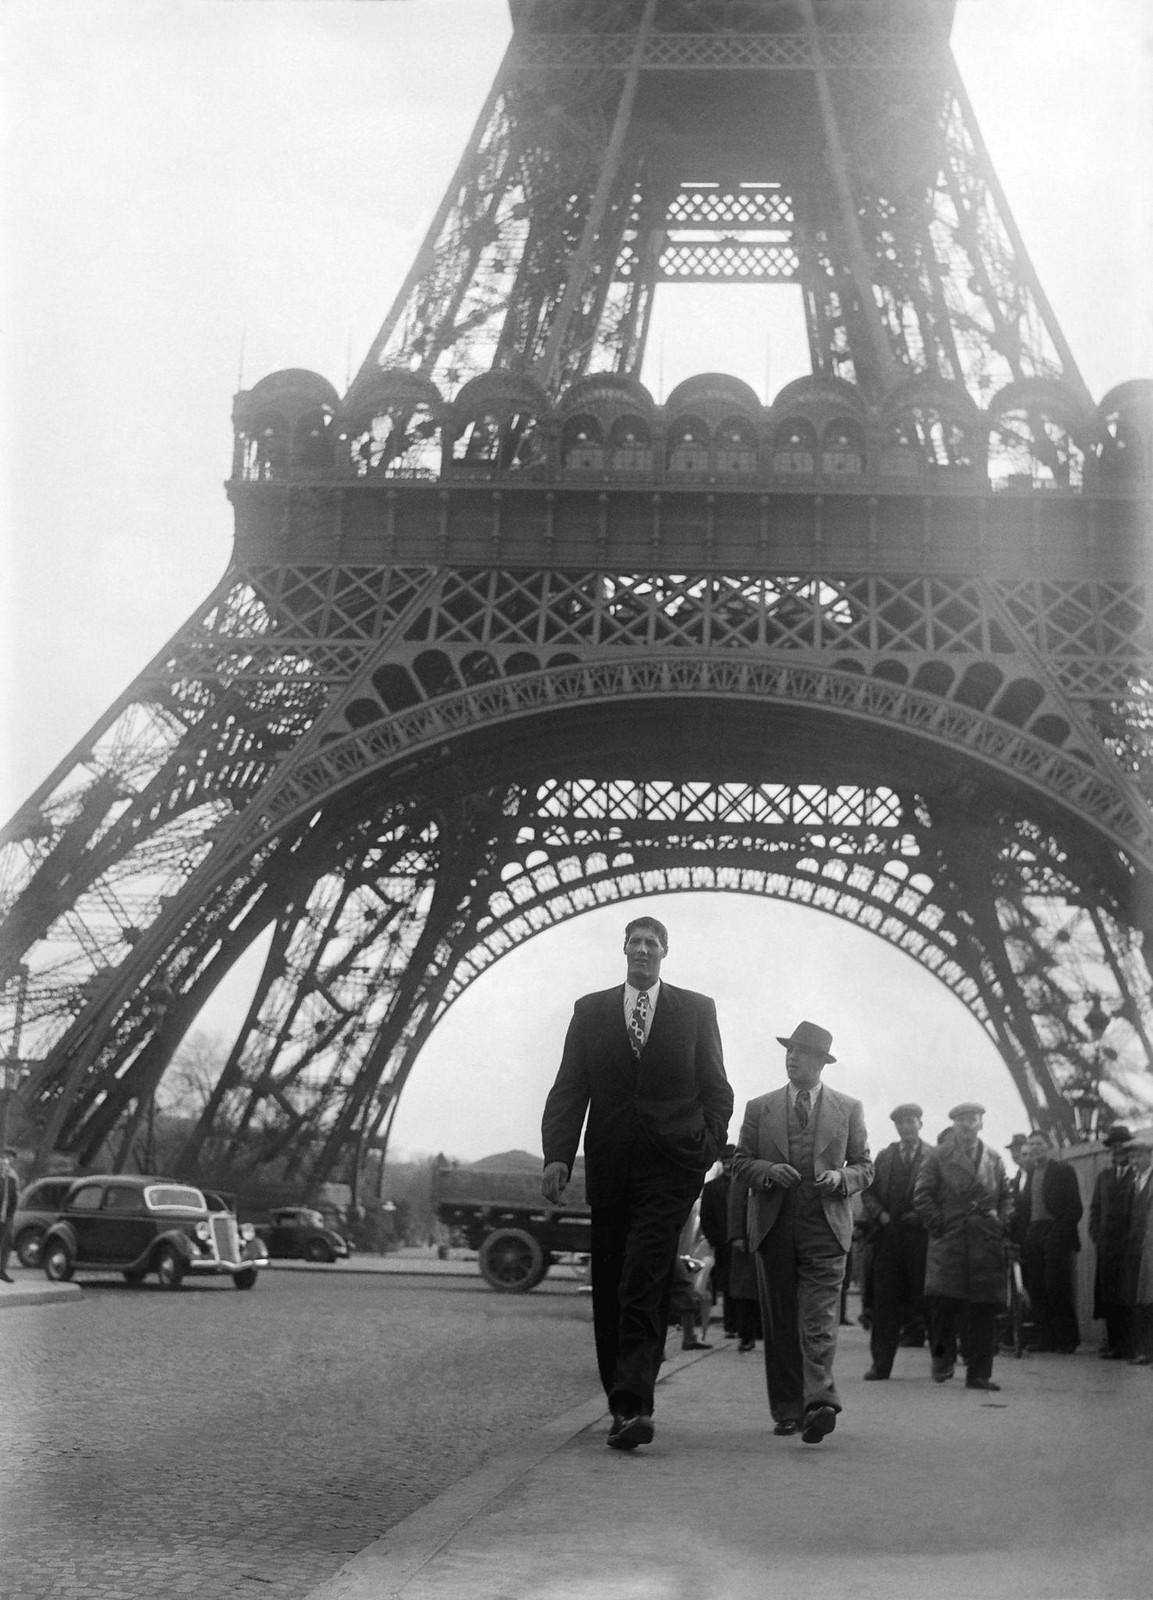 17. 1935. Румынский гигант боксер Гогеа Миту (224 см) посещает Эйфелеву башню